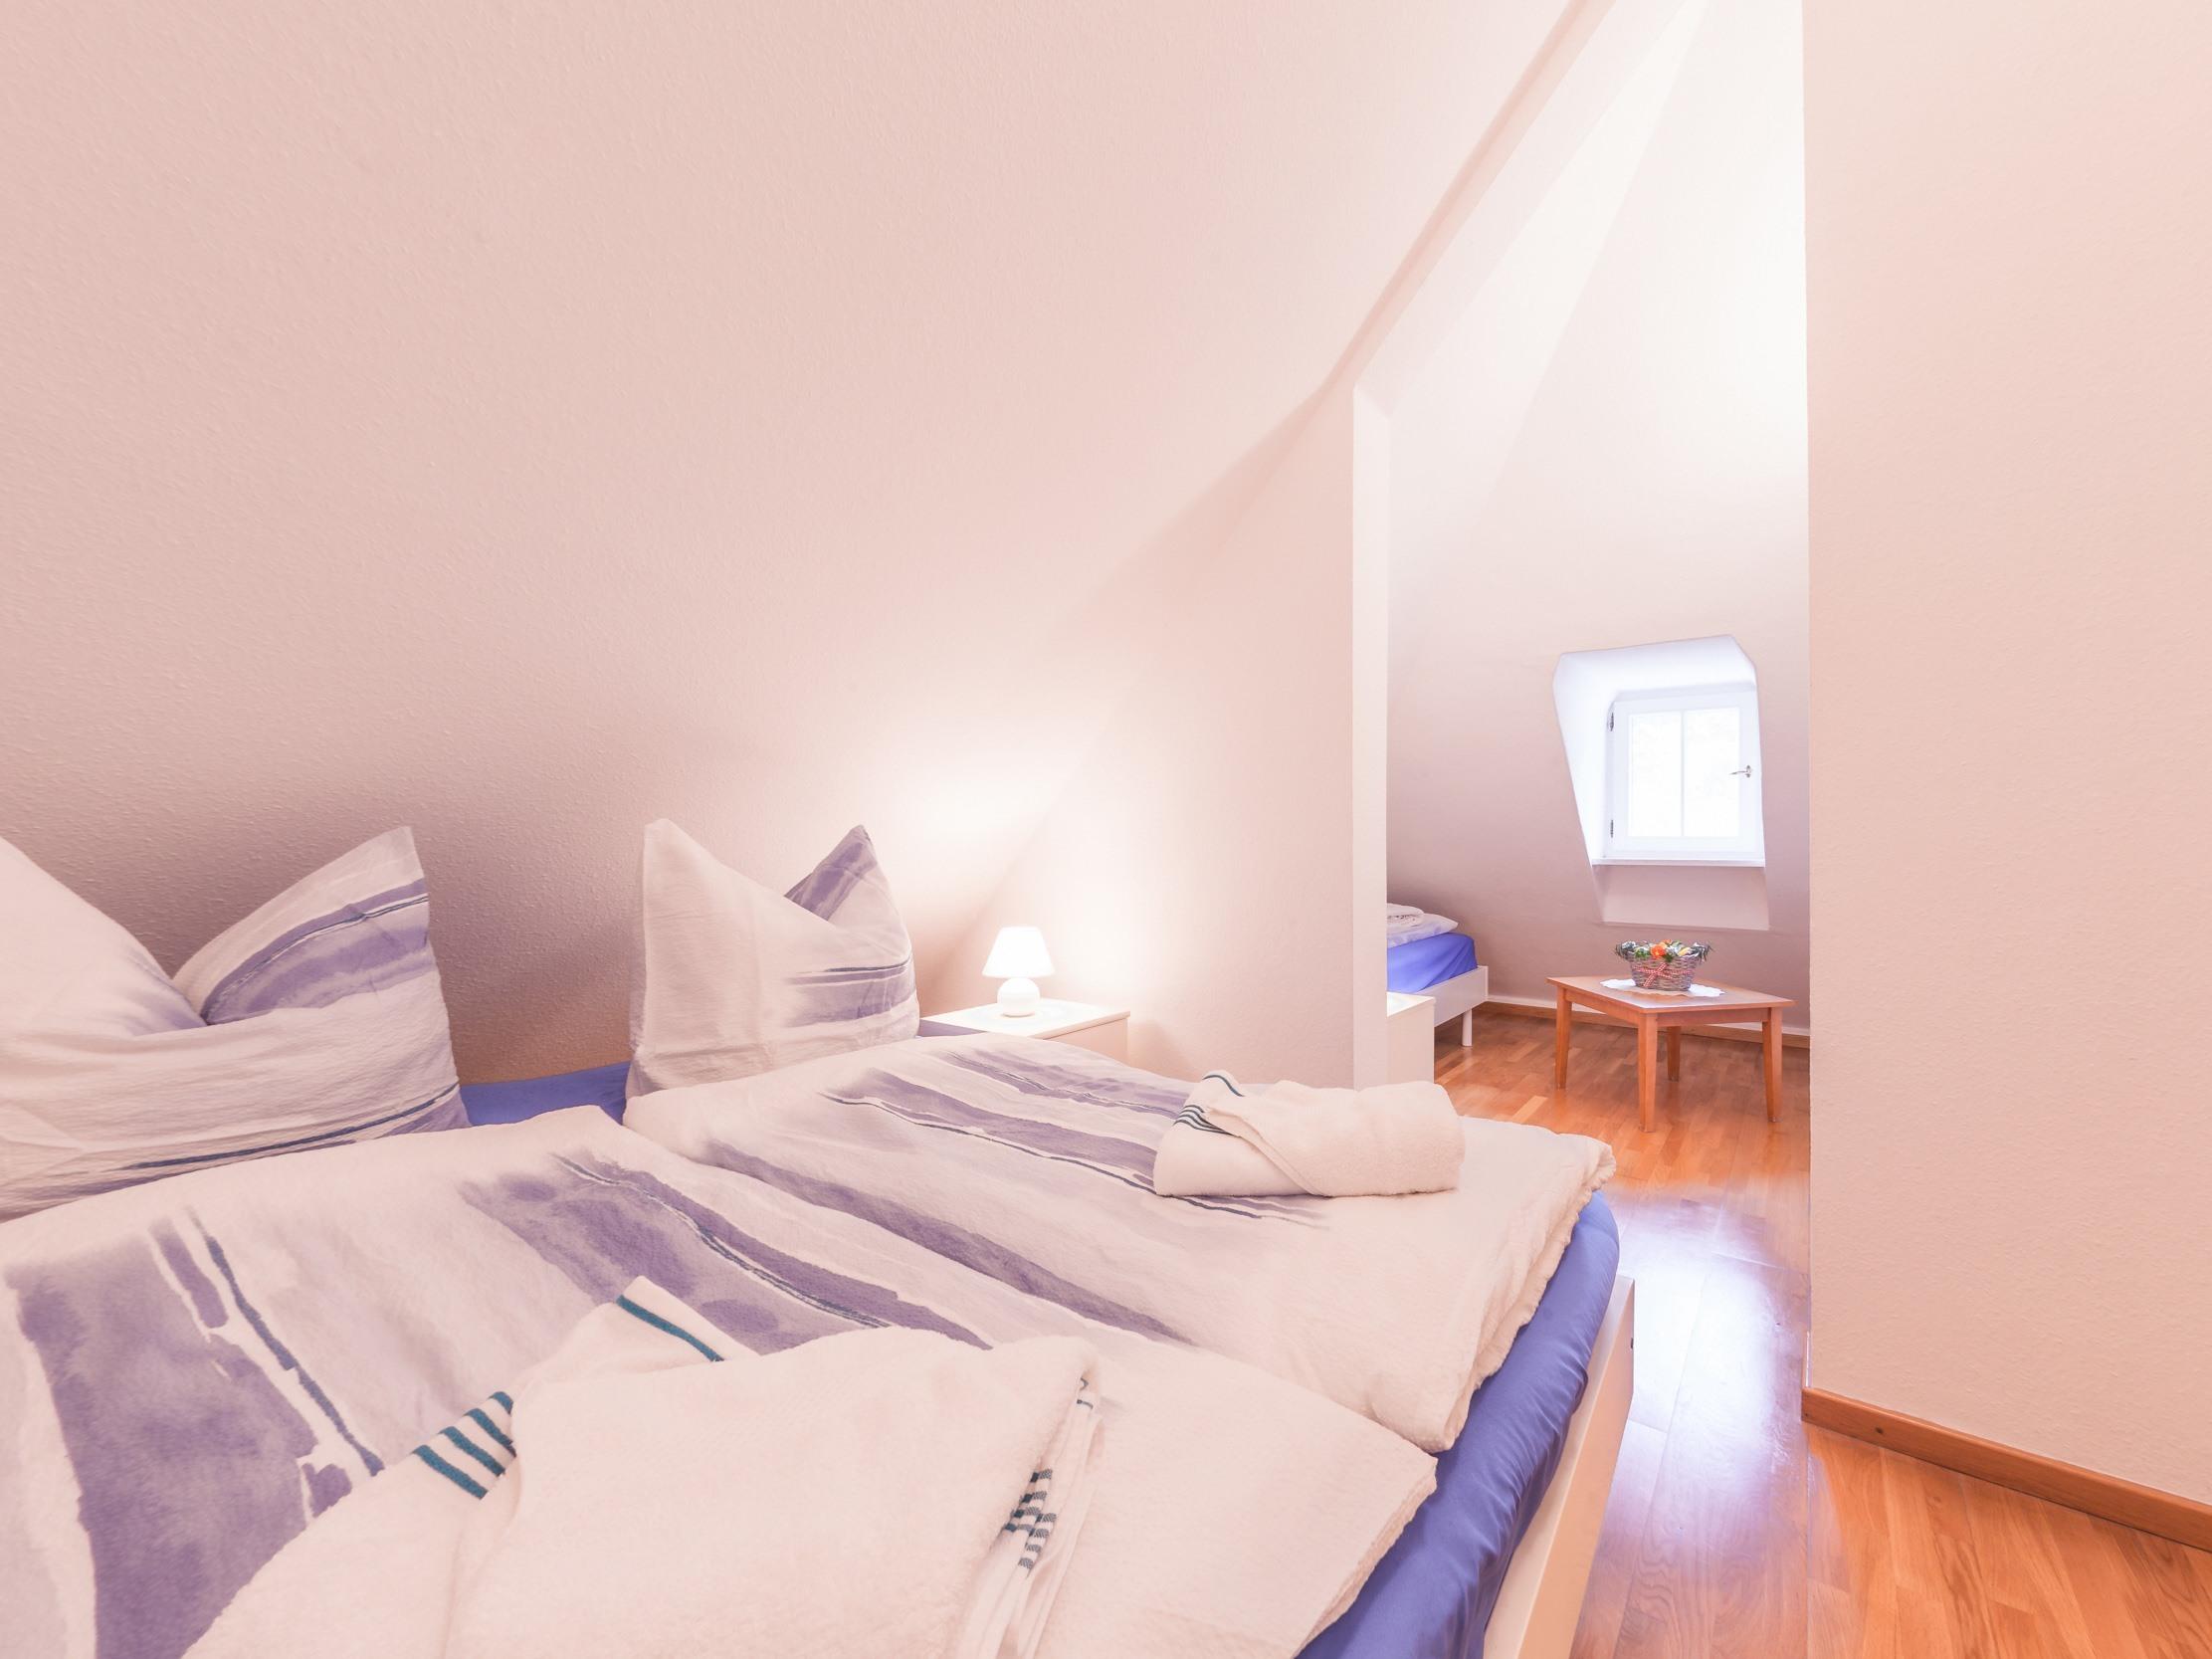 Apartment-Ensuite Dusche-App. 2 - OG - Standardpreis